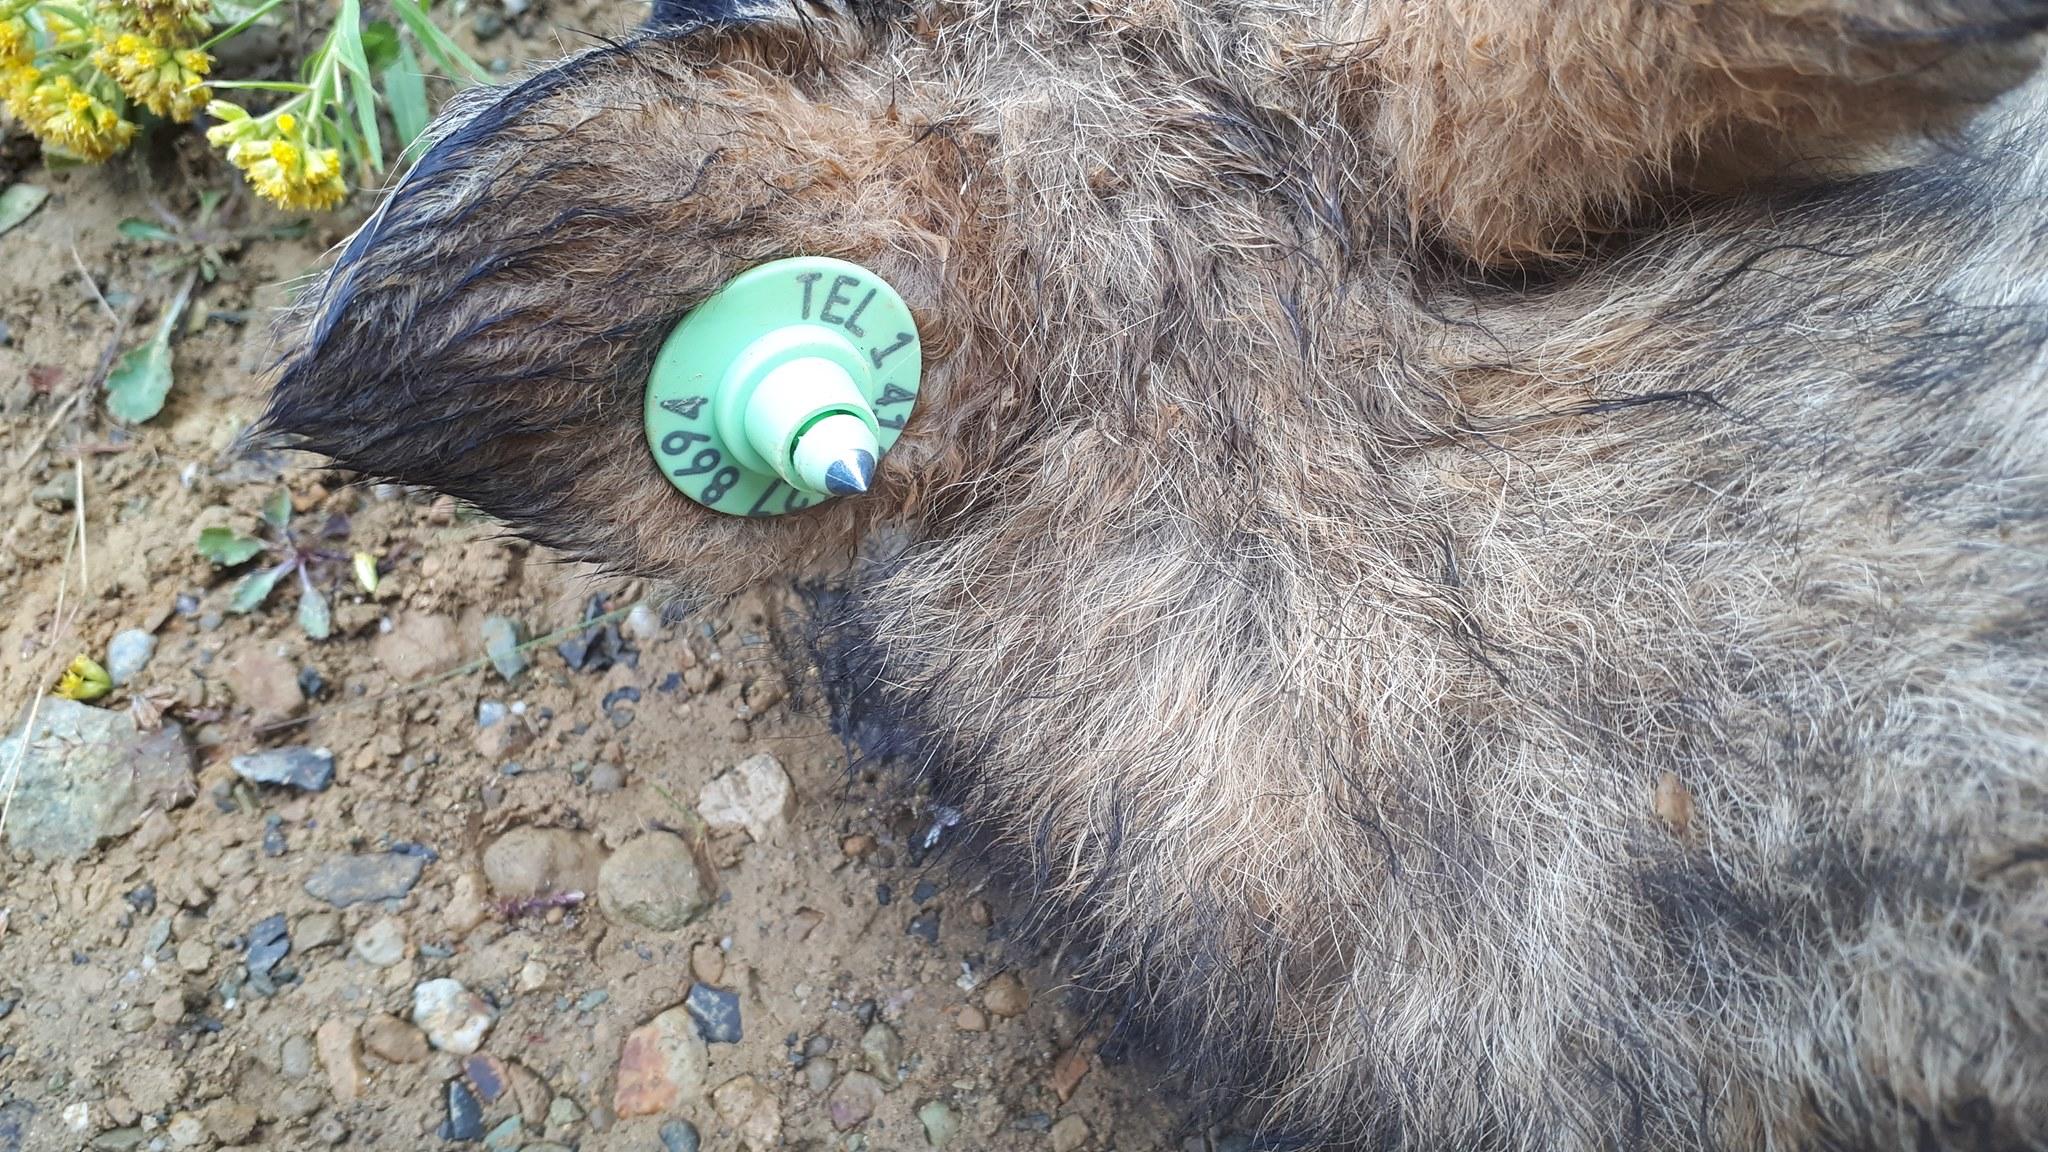 Des coyotes porteurs de colliers télémétrique pour une étude